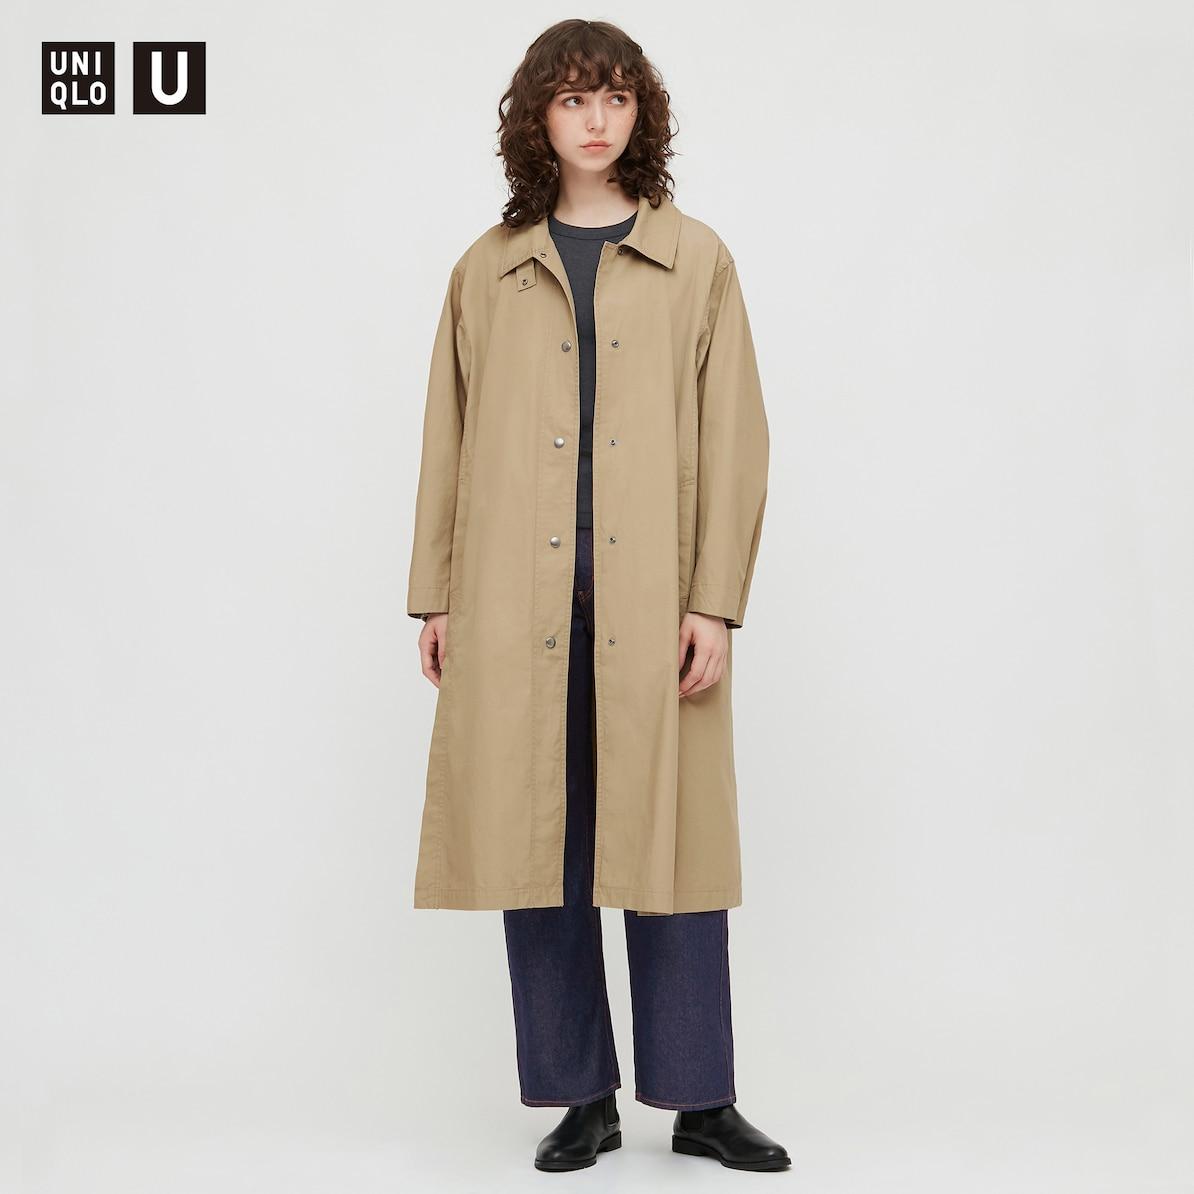 ユニクロ「ライトロングコート」7,990円